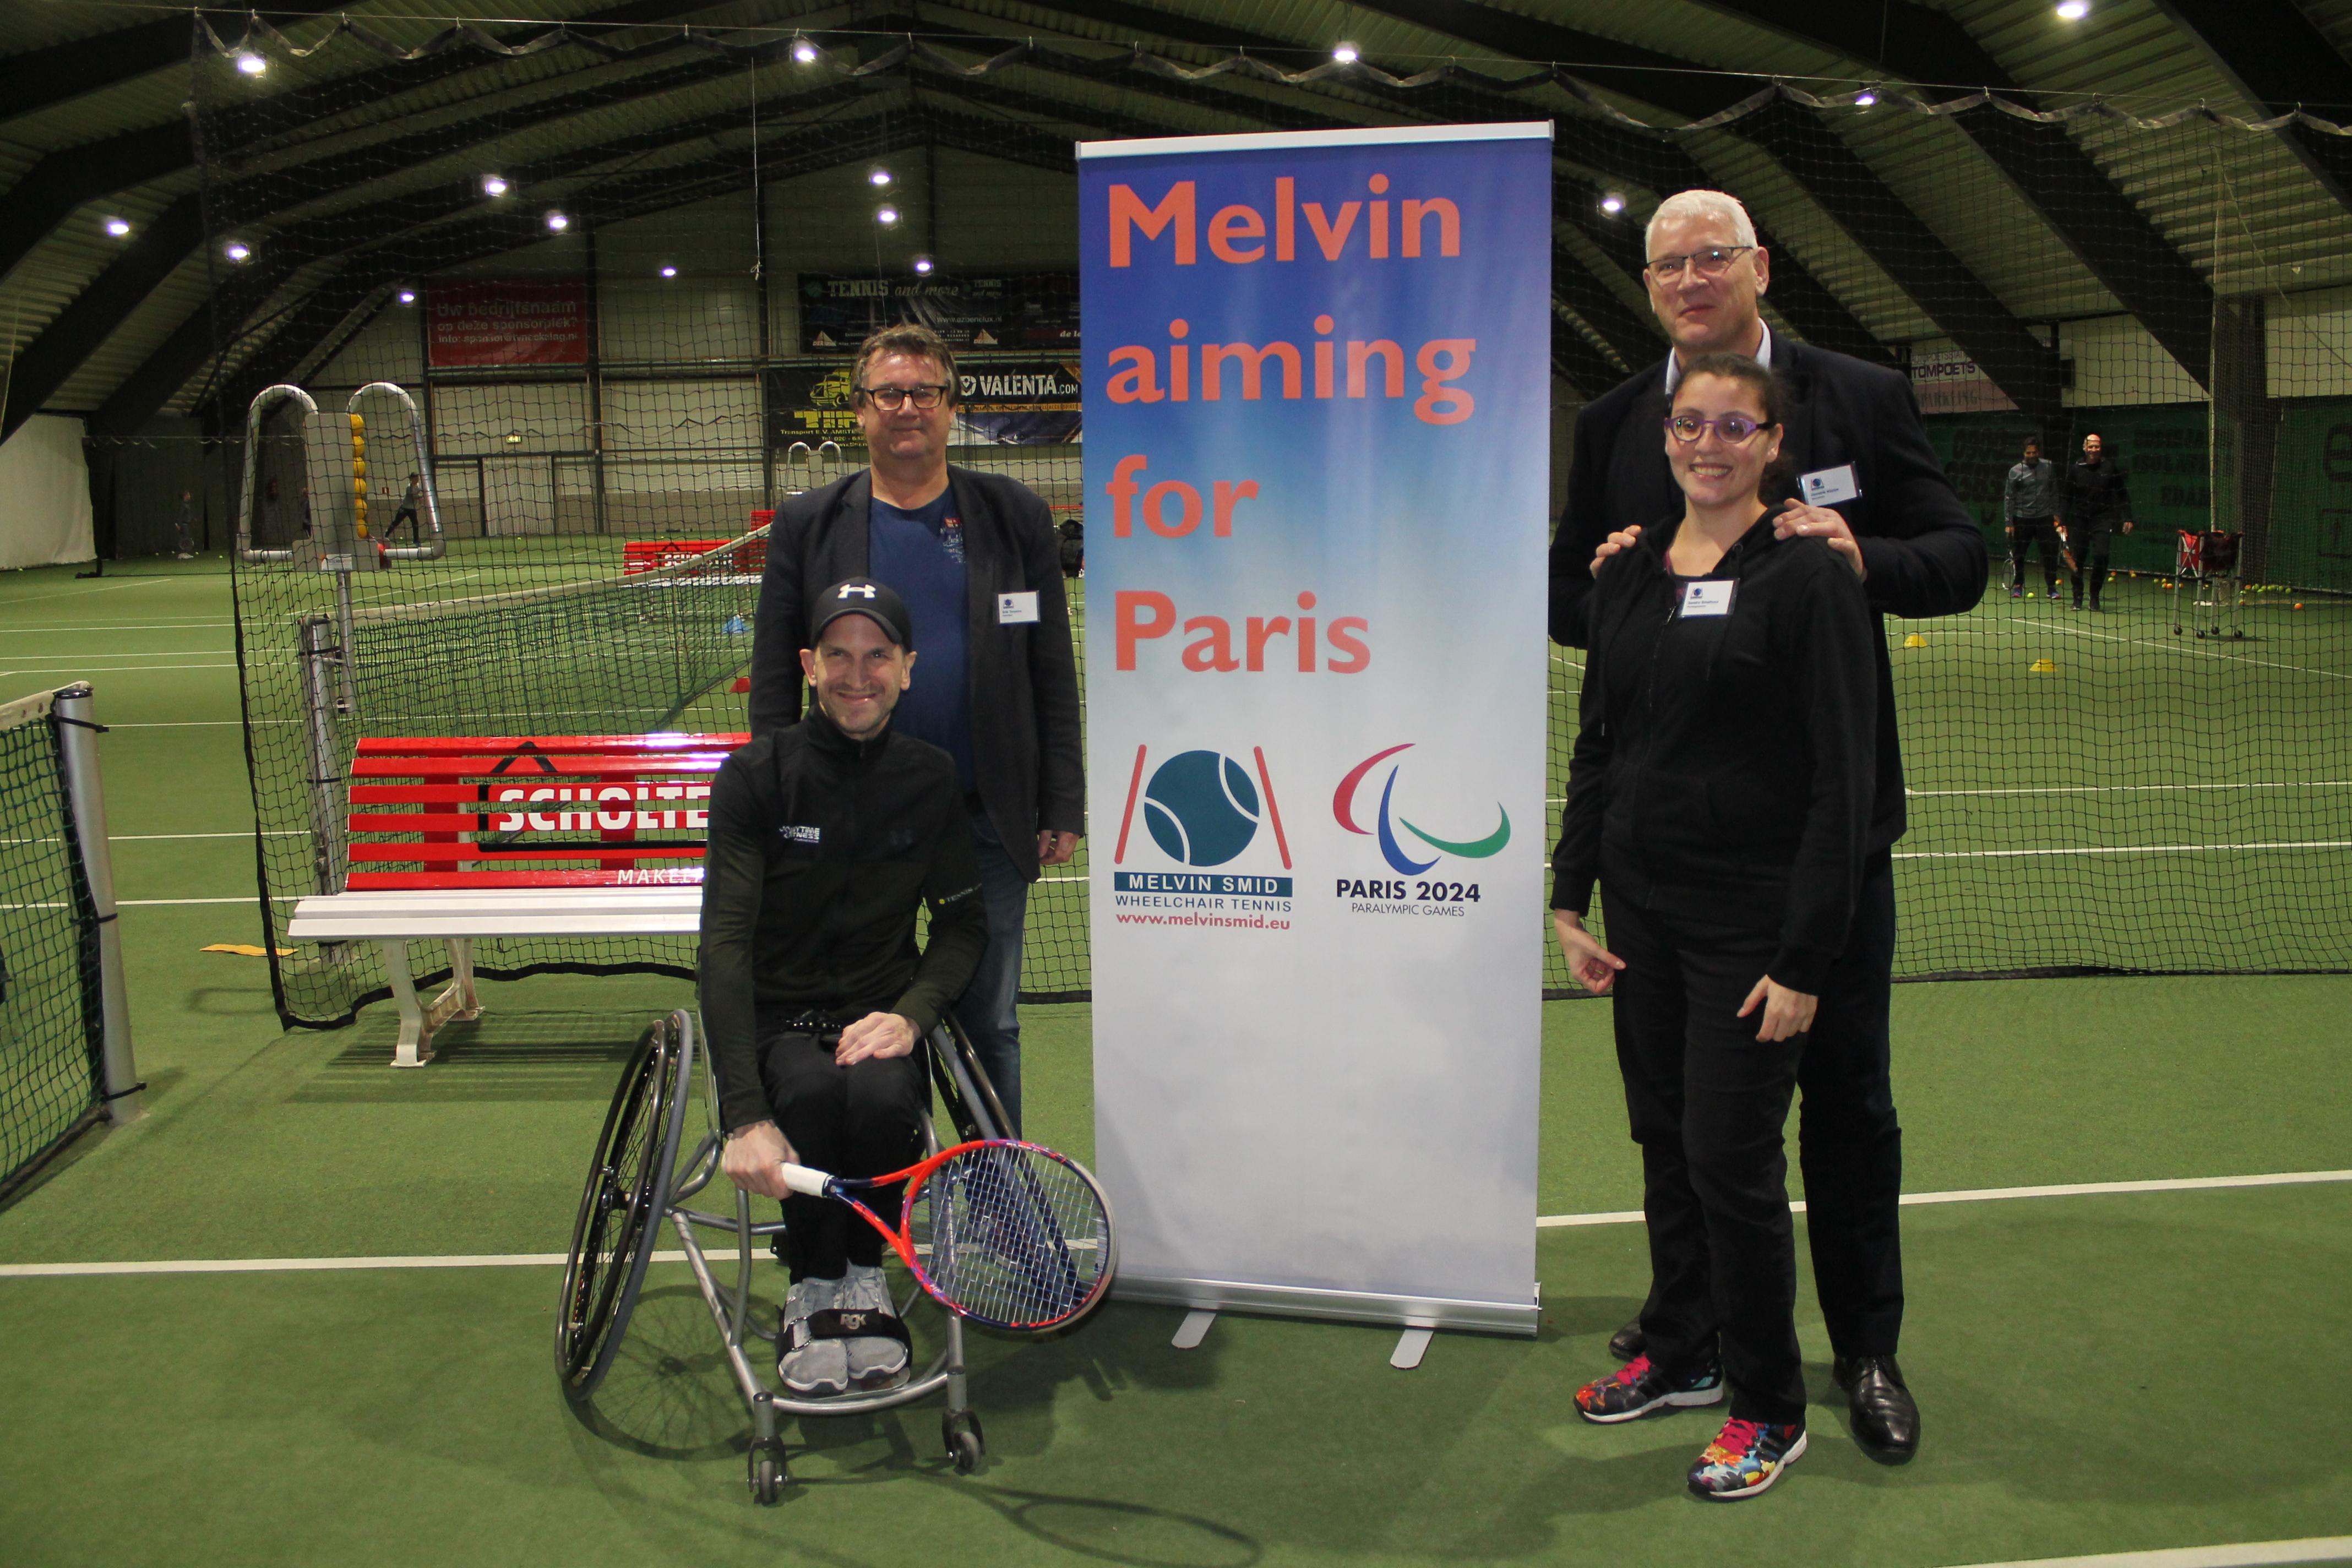 De rolstoeltennisser met het bestuur van de foundation. (Foto: Rodi Media/MB)